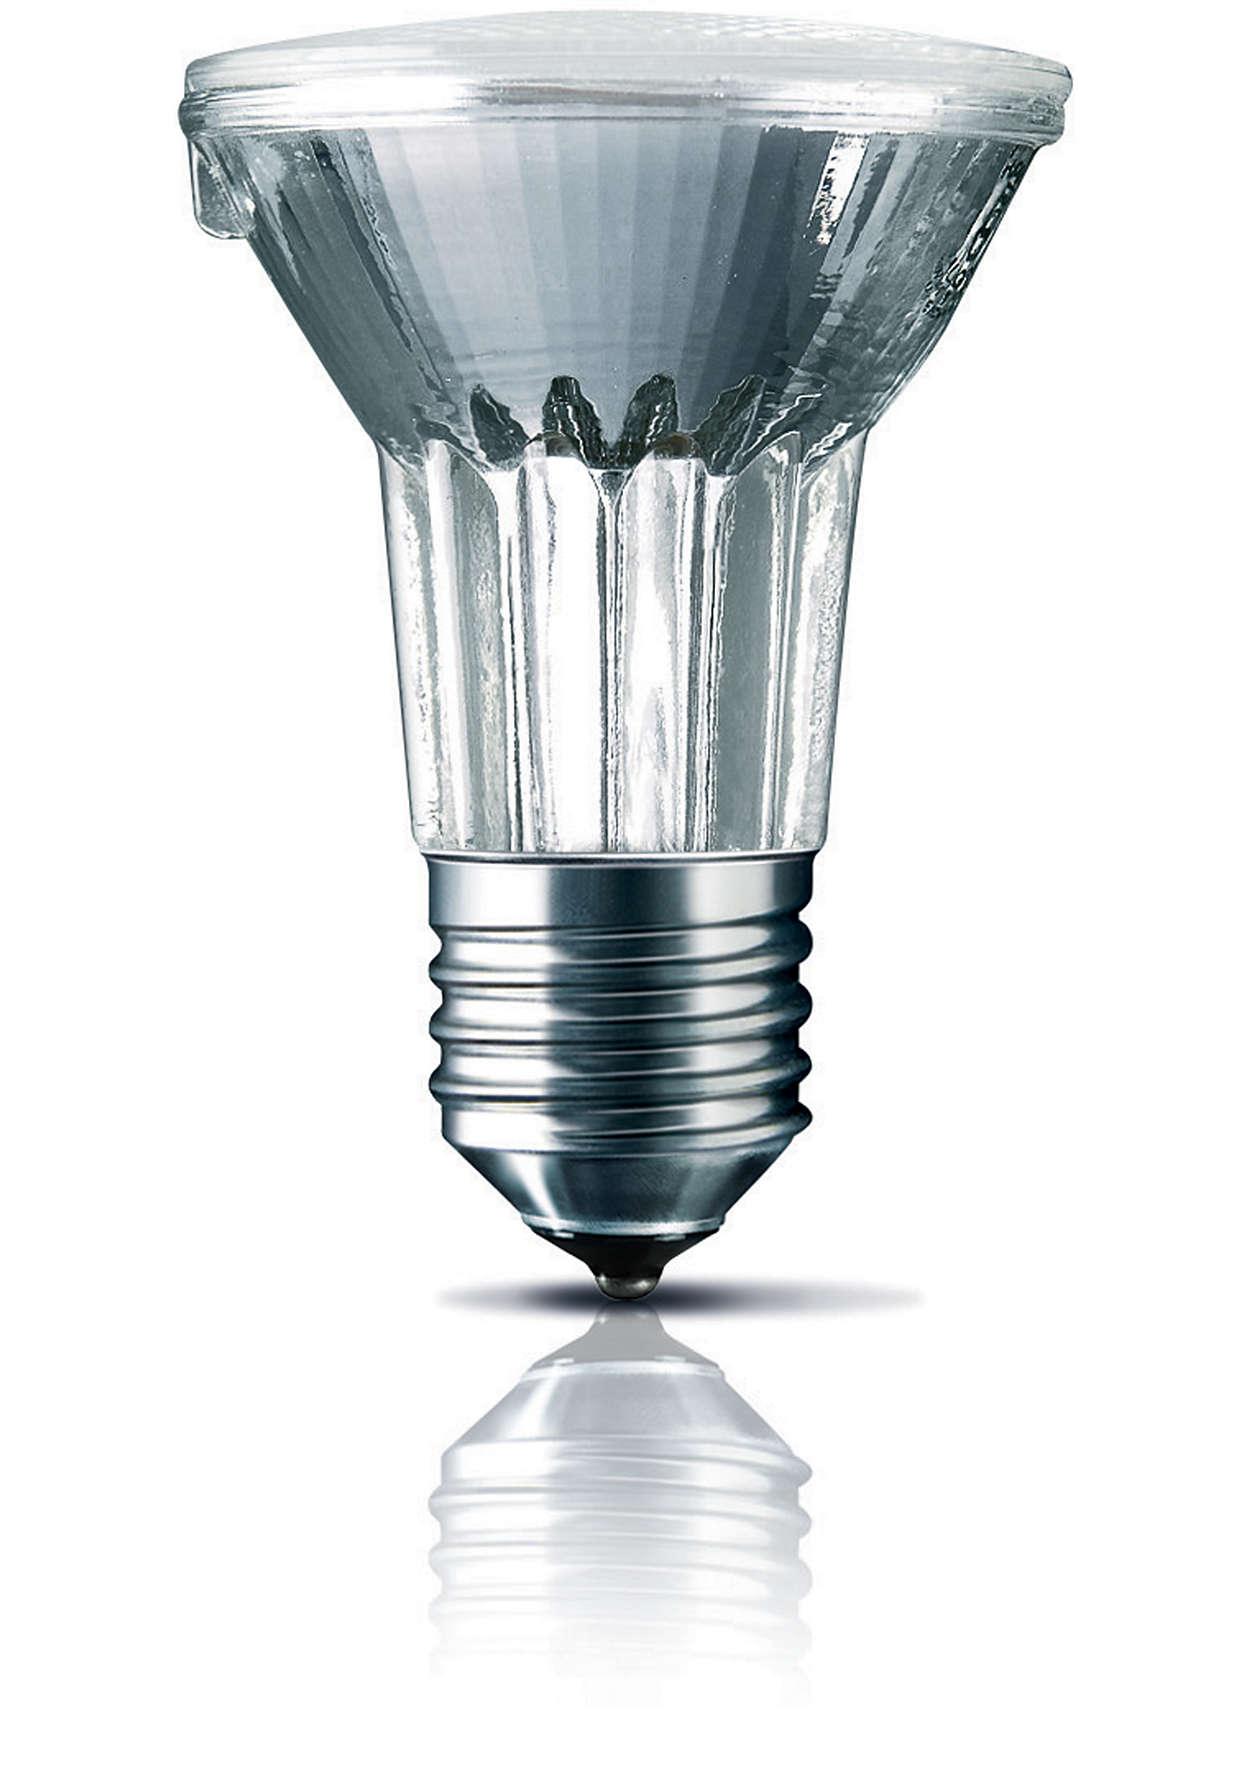 卓越的鹵素照明